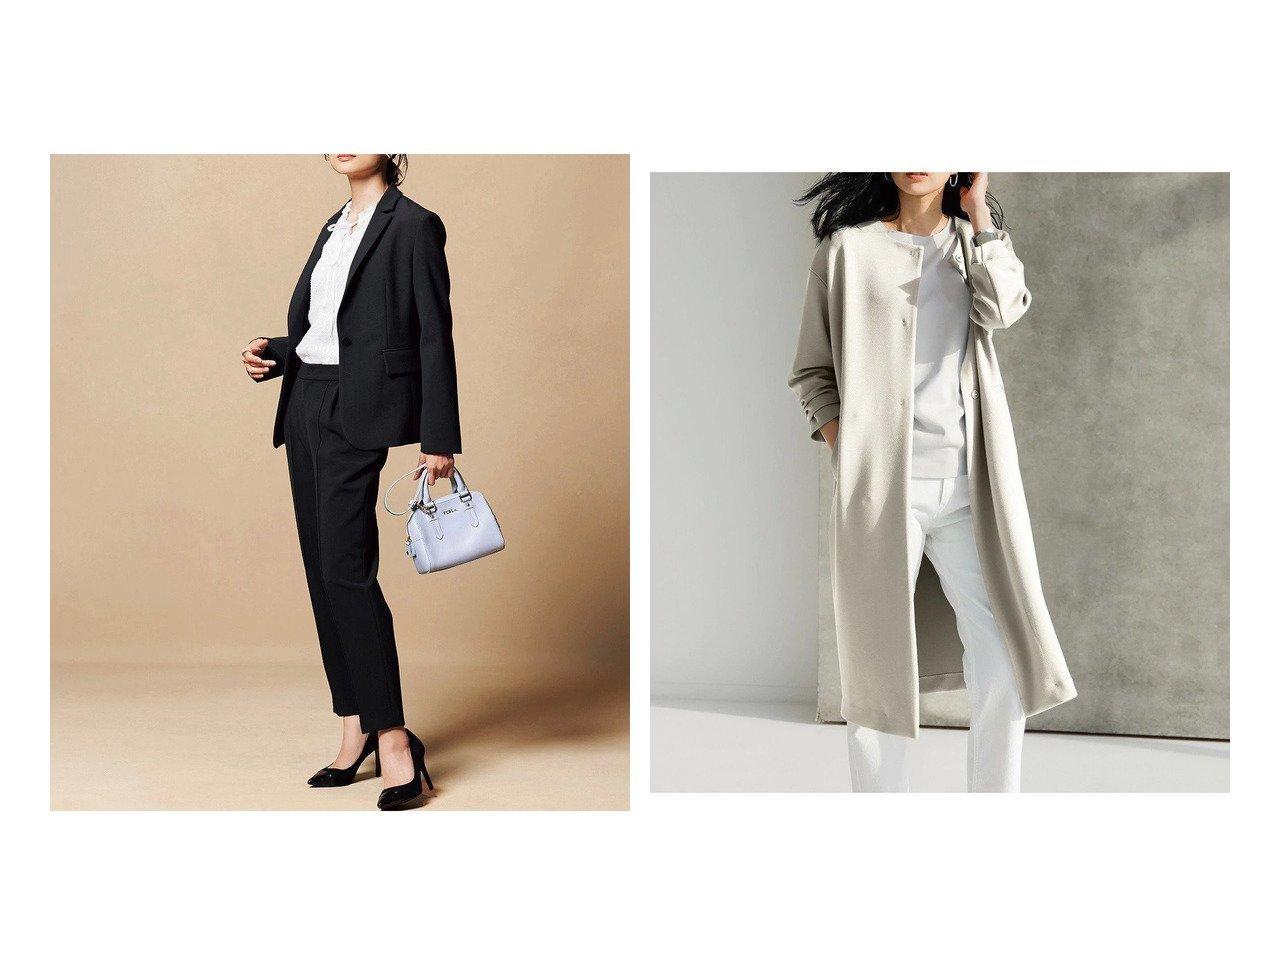 【DoCLASSE/ドゥクラッセ】のプレミアム二重織・テーラードジャケット&シャインストレッチ・ノーカラーコート ドゥクラッセの40代、50代の方におすすめ!人気トレンド・ファッションの通販 おすすめで人気の流行・トレンド、ファッションの通販商品 メンズファッション・キッズファッション・インテリア・家具・レディースファッション・服の通販 founy(ファニー) https://founy.com/ ファッション Fashion レディースファッション WOMEN アウター Coat Outerwear コート Coats ジャケット Jackets テーラードジャケット Tailored Jackets なめらか シンプル ジャージー フェミニン 洗える ストレッチ プレミアム |ID:crp329100000021635